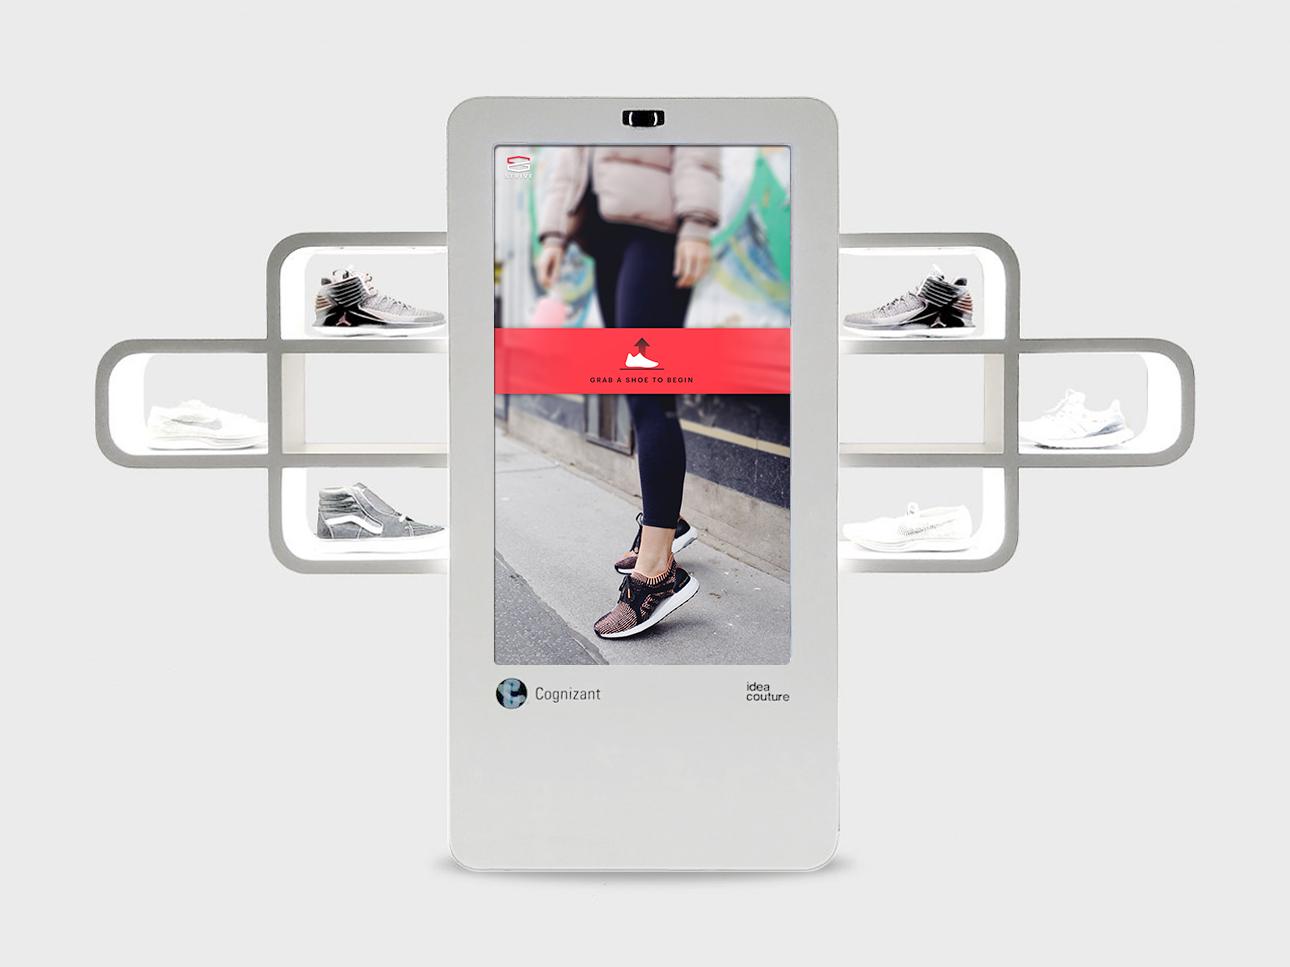 Strive-Retail-Mockup-02.jpg